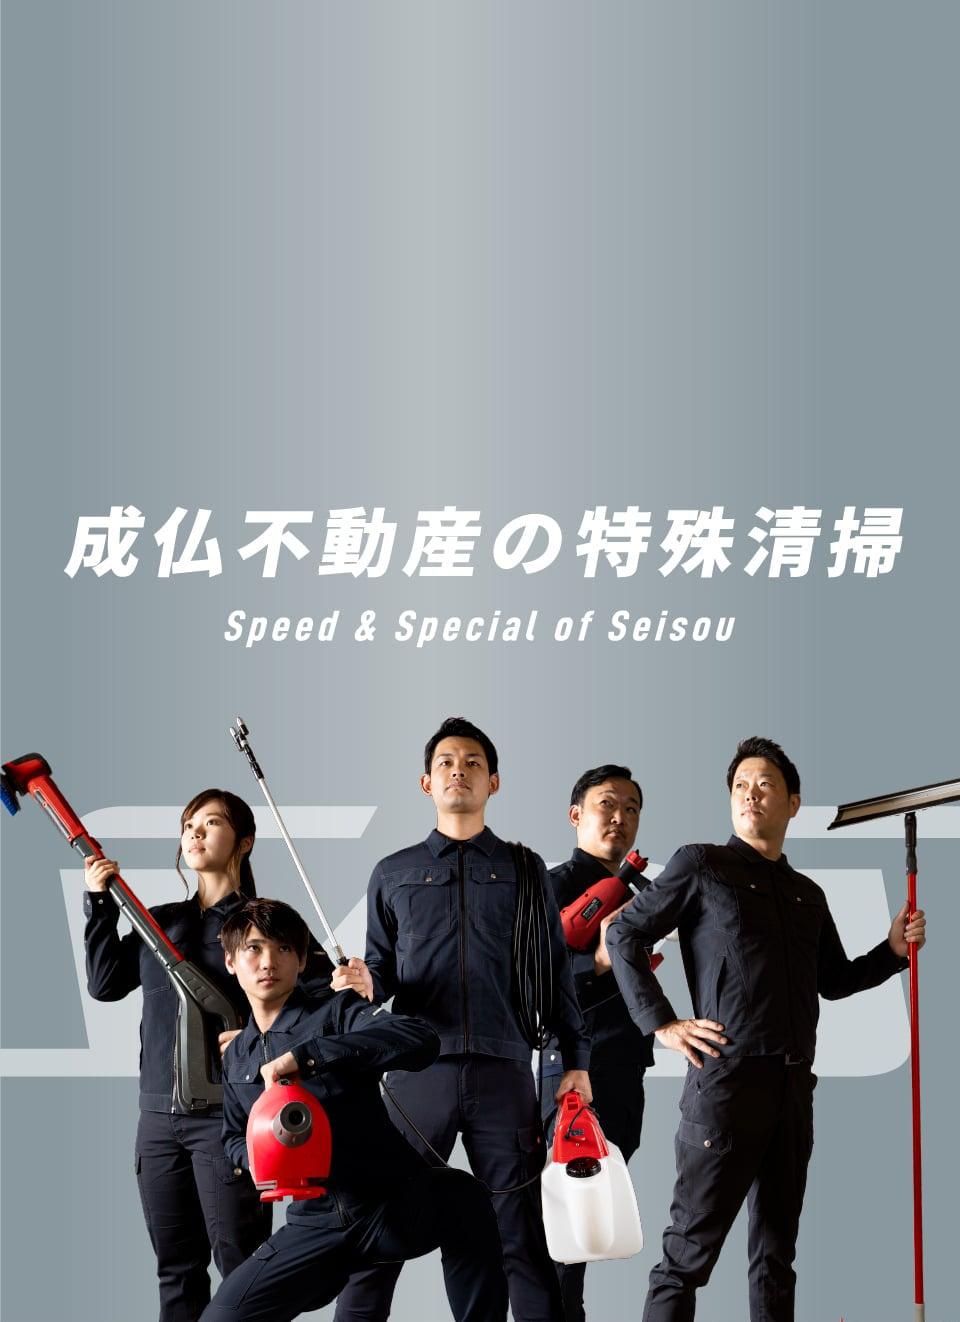 ご遺族の想いを最後までしっかりサポート 成仏不動産の特殊清掃 Speed & Special of Seisou